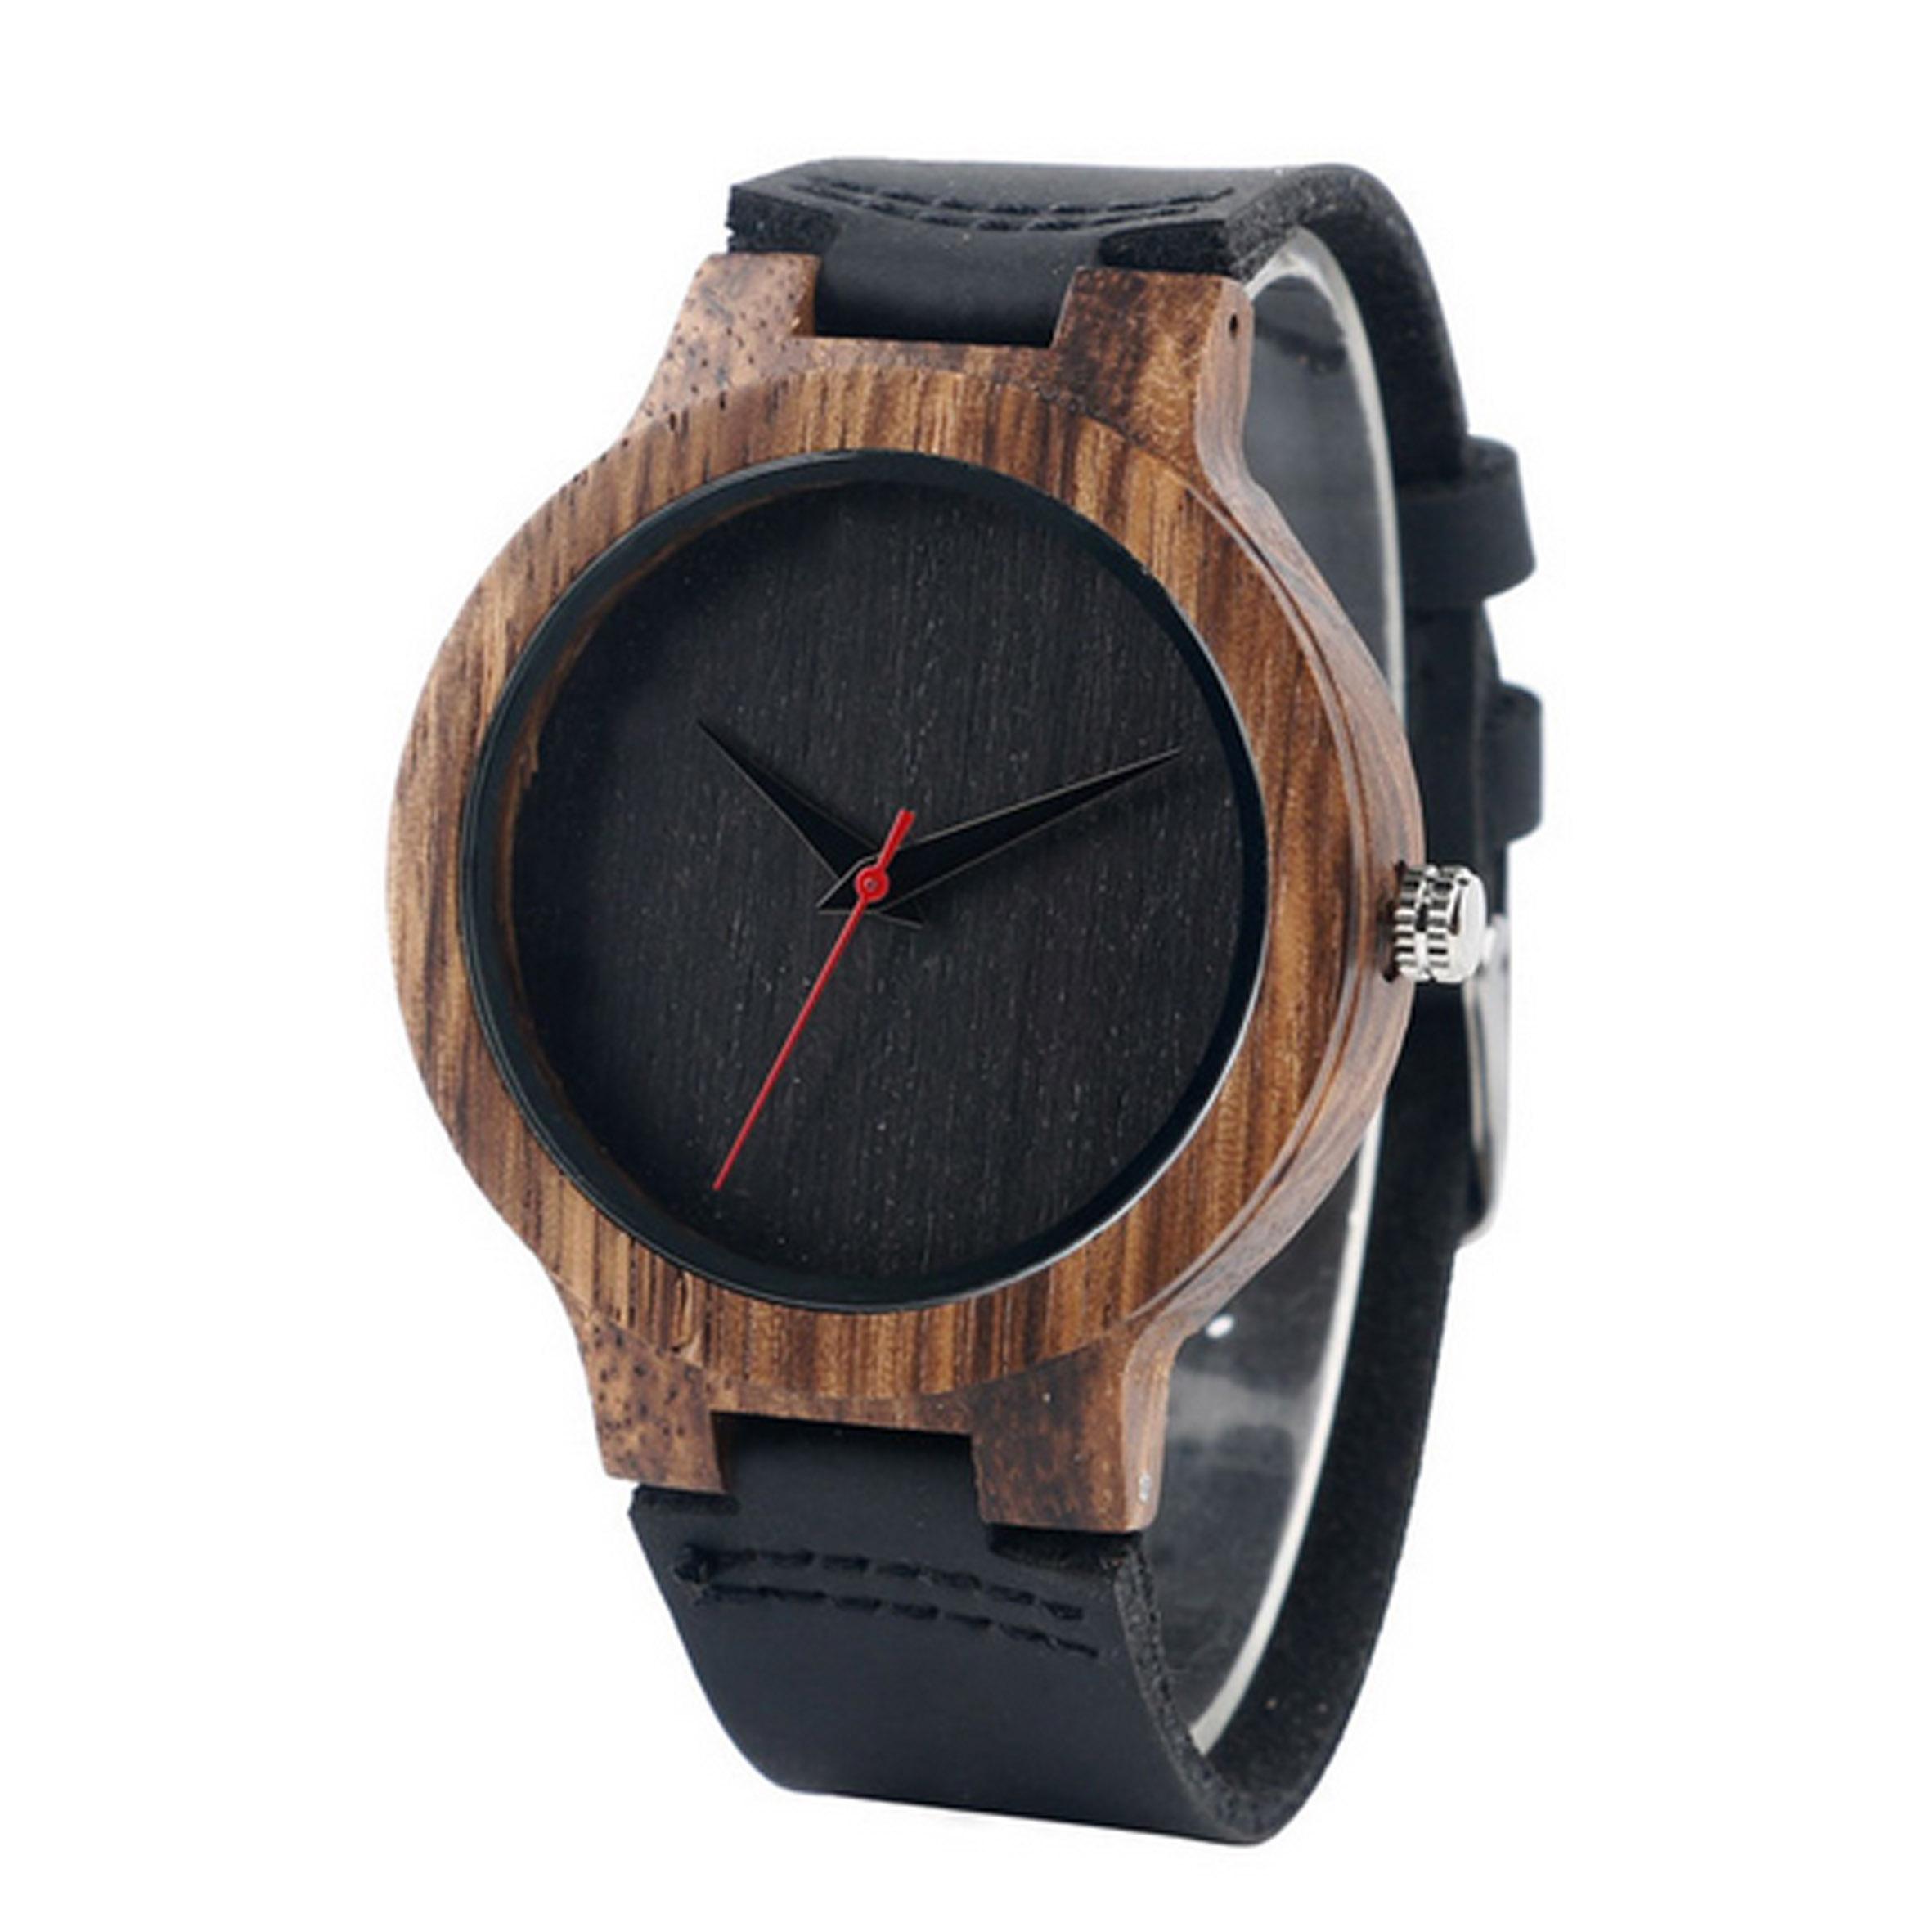 montre en bois pour homme pas cher montre bois a partir de 39. Black Bedroom Furniture Sets. Home Design Ideas